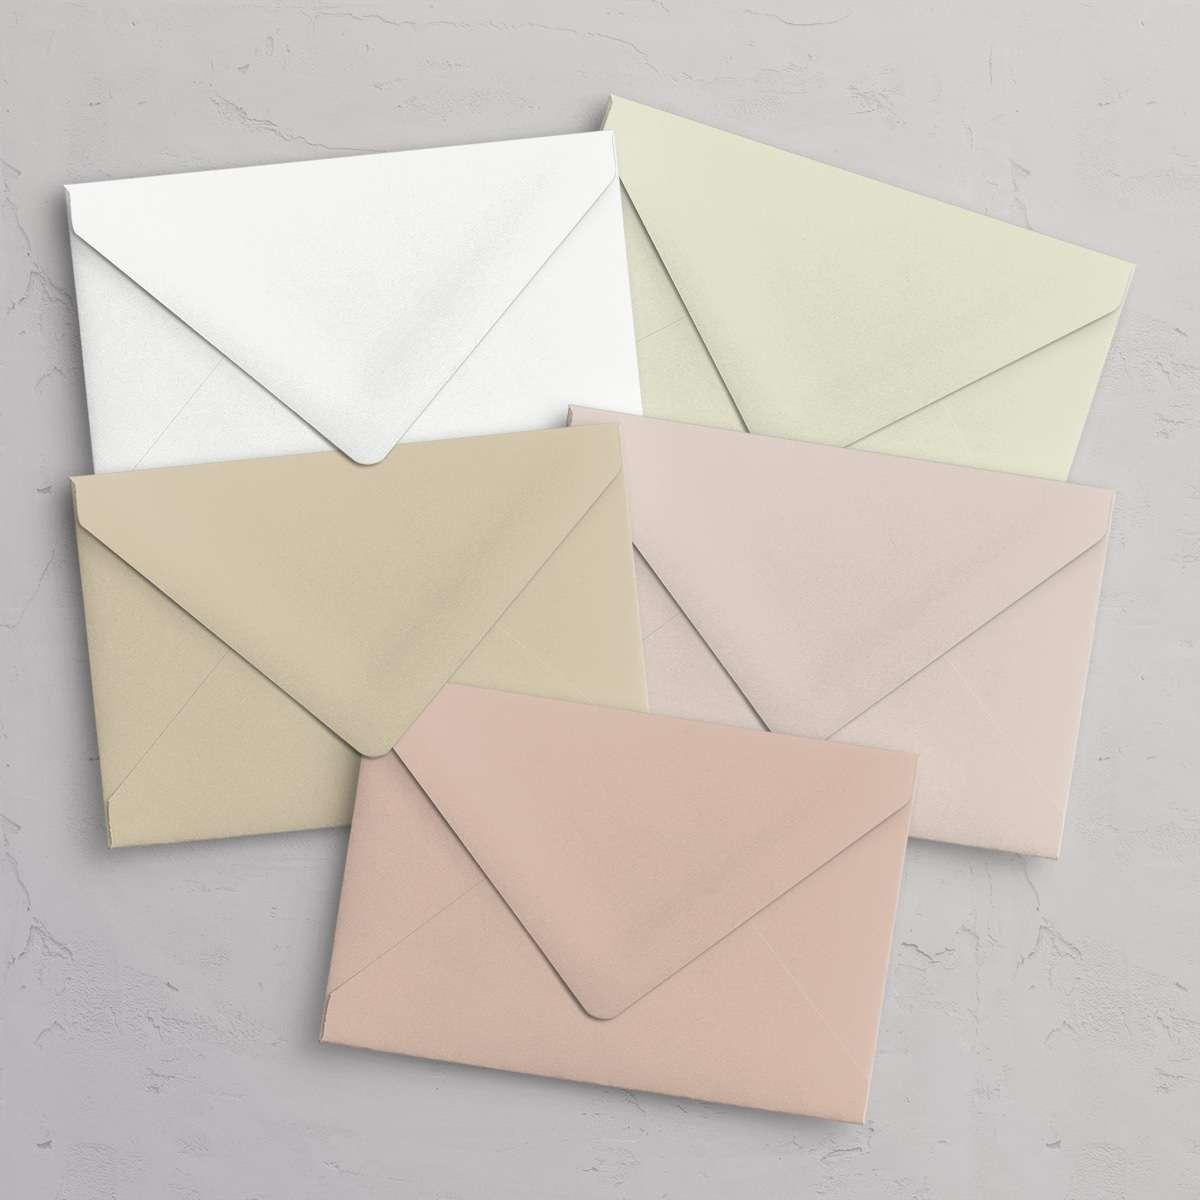 C6 kuverter i neutrale farver: Gesso (råhvid), Limestone (ivory / elfenben), Sabbia (sandfarvet), Nude (lys rosa), Cipria (støvet rosa)